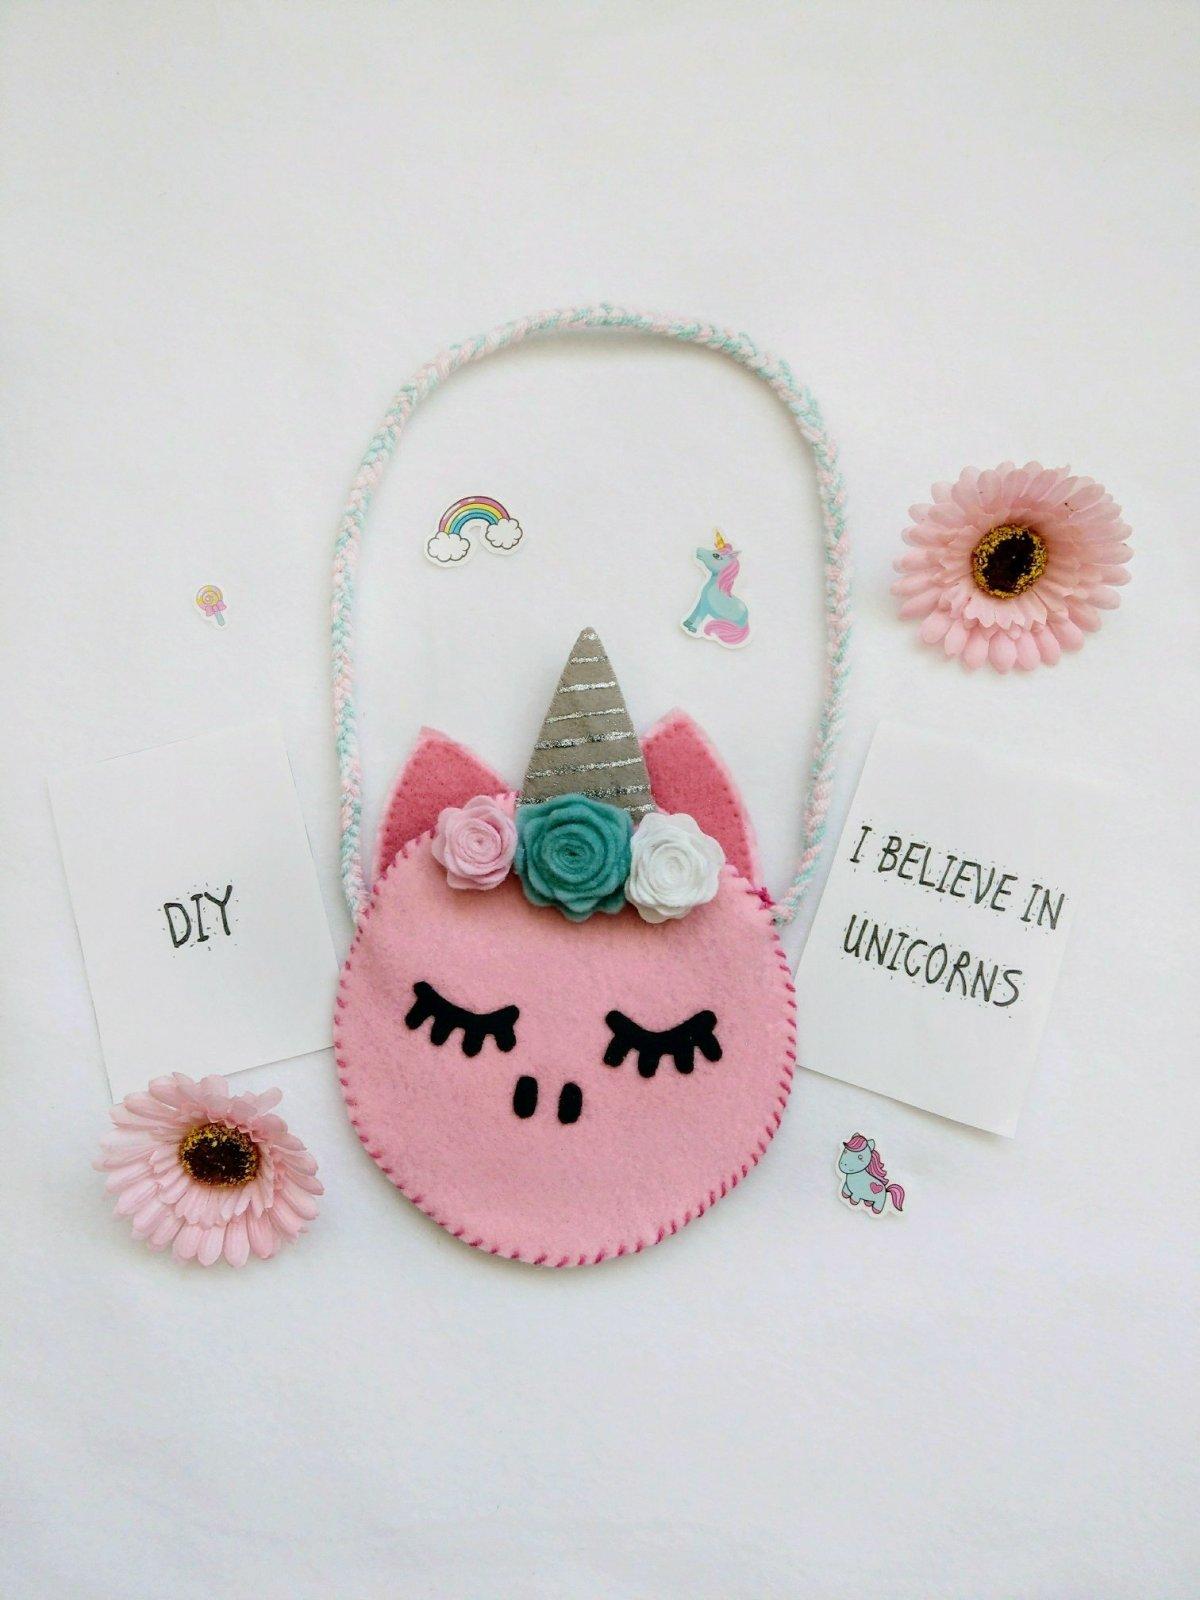 Heute habe ich ein Schnittmuster für eine Einhorn Schultertasche für euch. Tolle DIY Idee für Kinder. Mit Schritt-für-Schritt Anleitung.